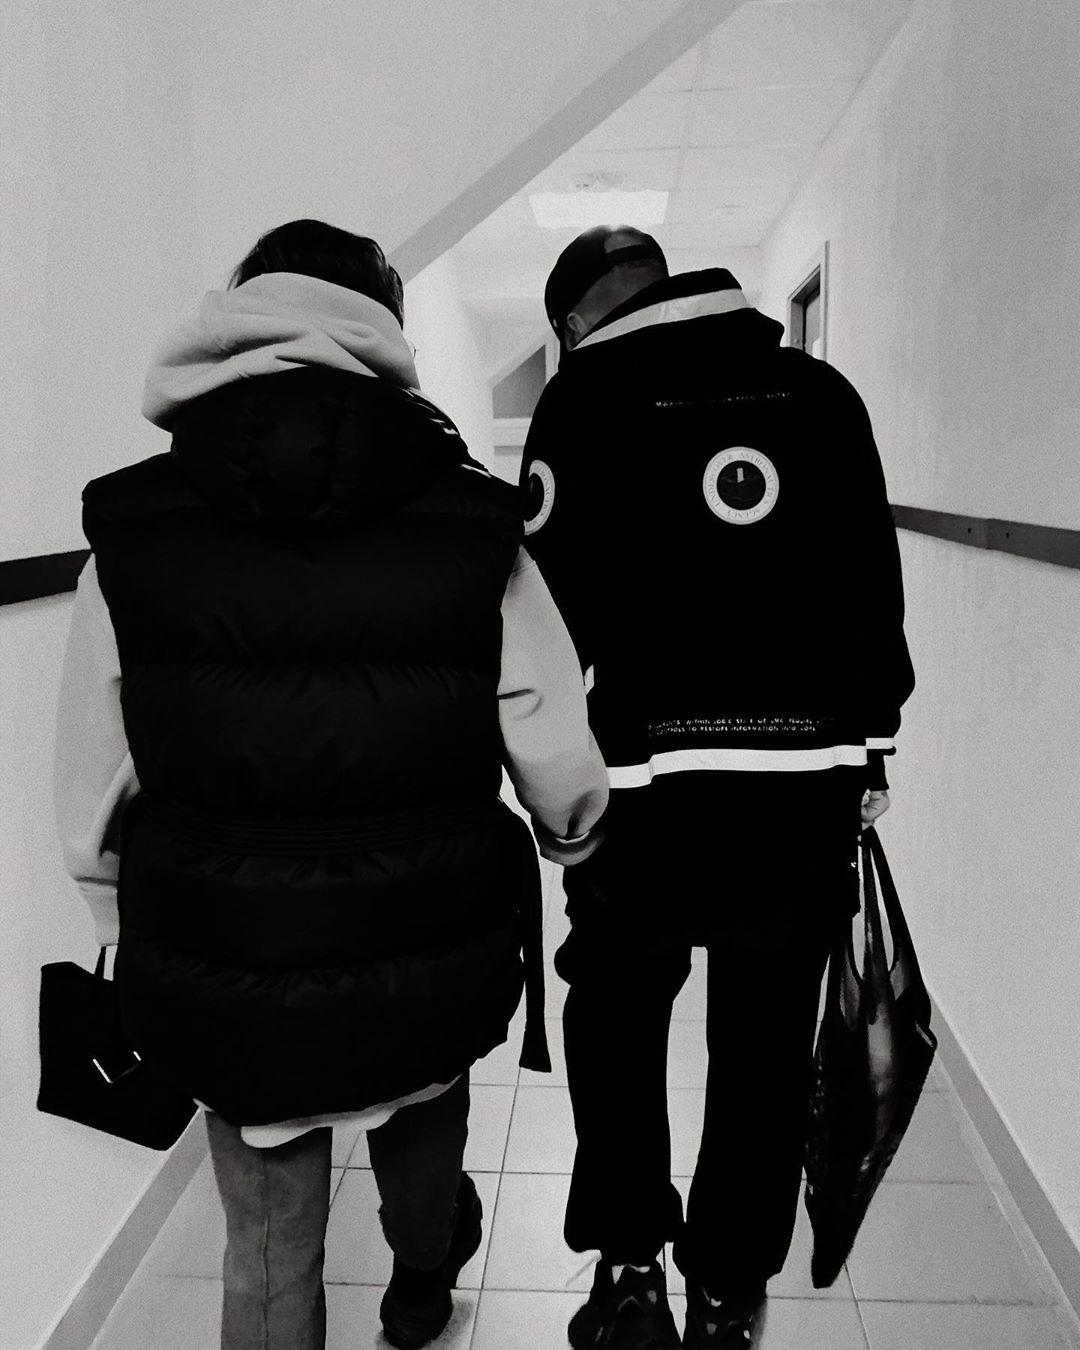 Ани Лорак вышла замуж за молодого бойфренда из Киева: фото спровоцировали фурор в Сети